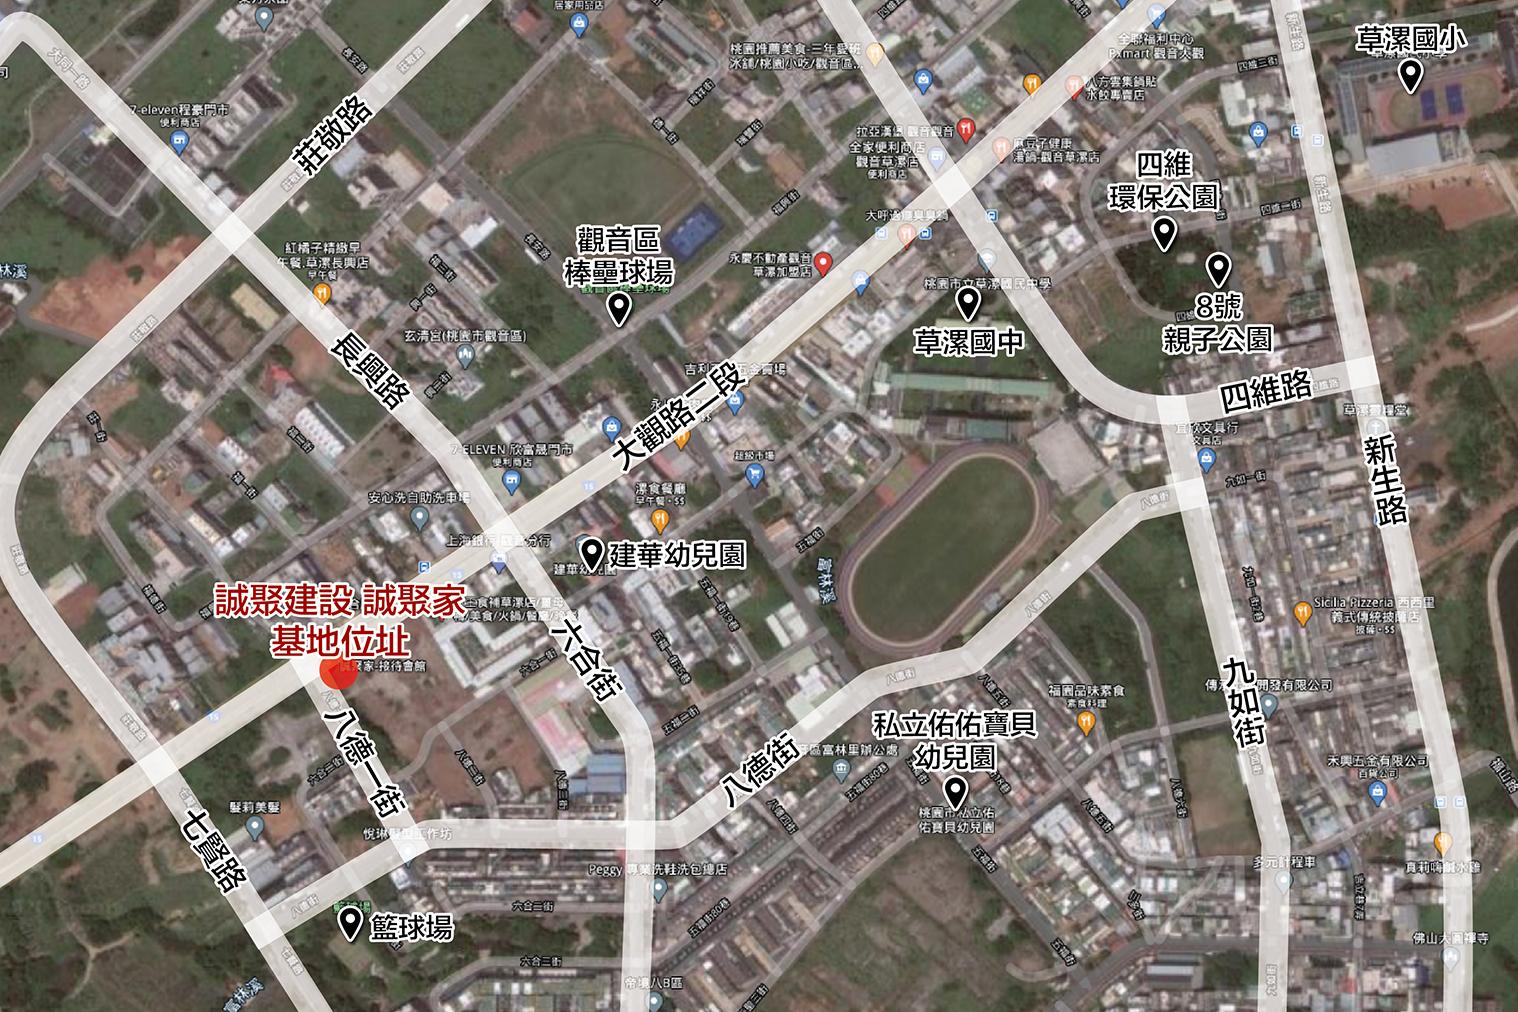 圖片:建案搶先看 | 誠聚建設 誠聚家 桃園草漯正市心雙塔新地標